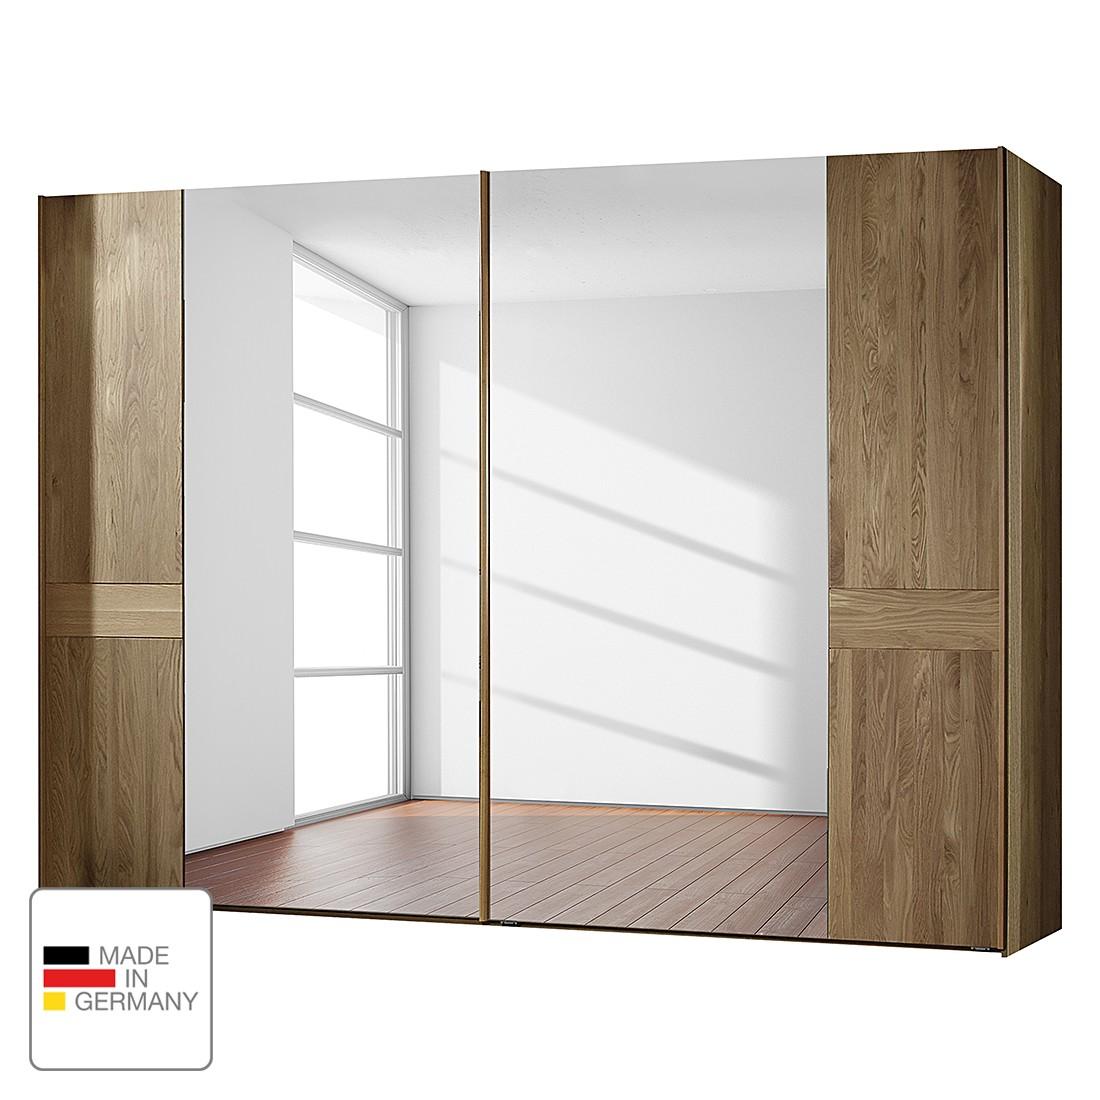 goedkoop Schuifdeurkast Münster deels massief eikenhout 300cm 2 deurs Zonder Passe partout lijst Wiemann